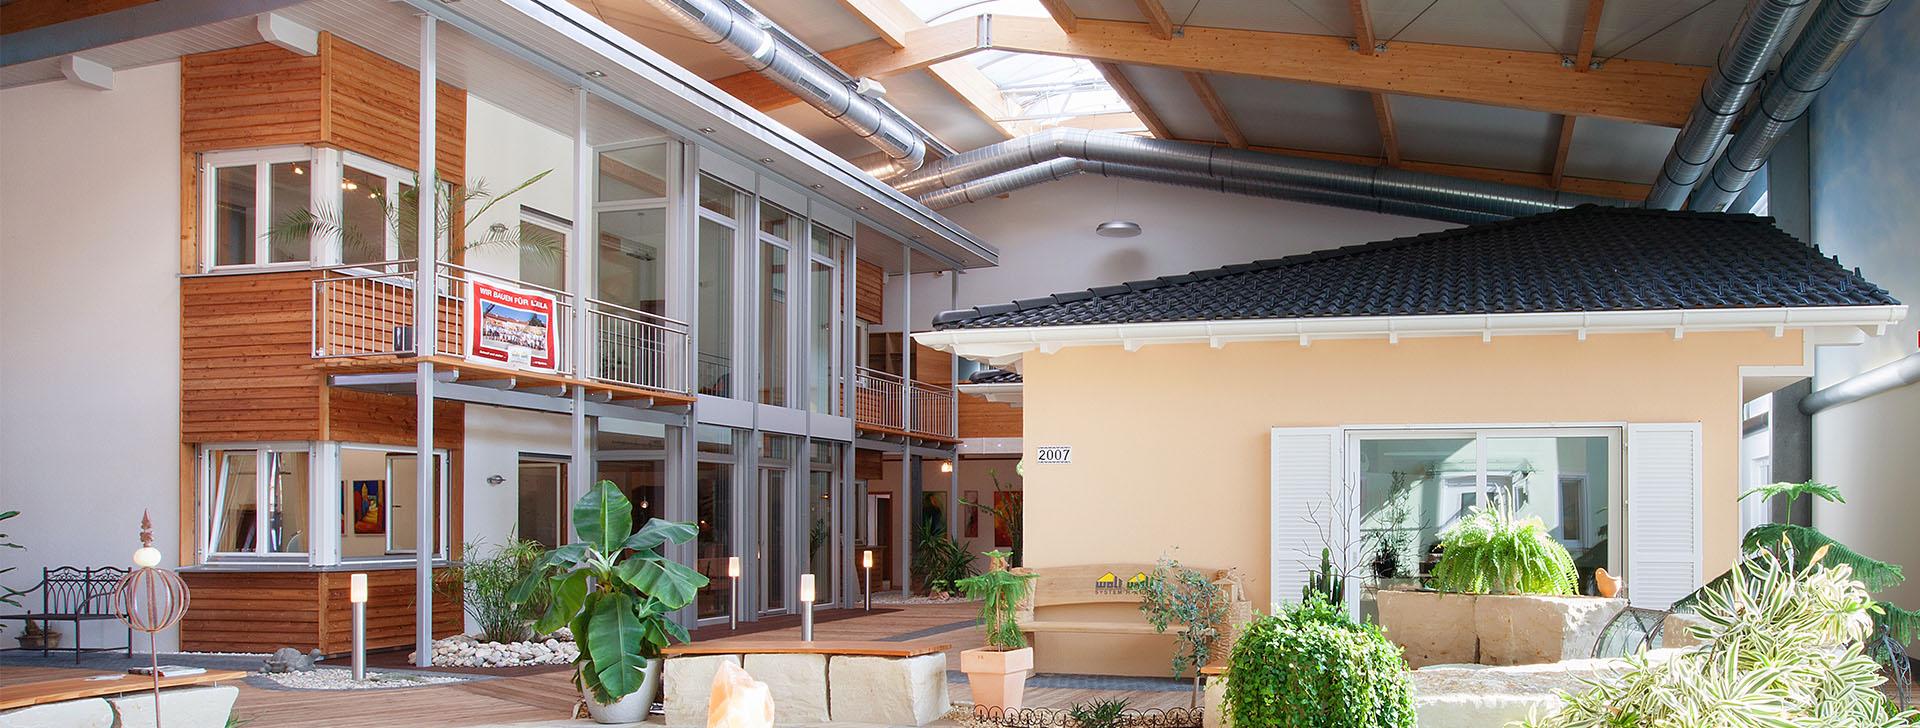 Besuchen Sie uns in unseren Ausstellungsräumen - wolfsystem.de